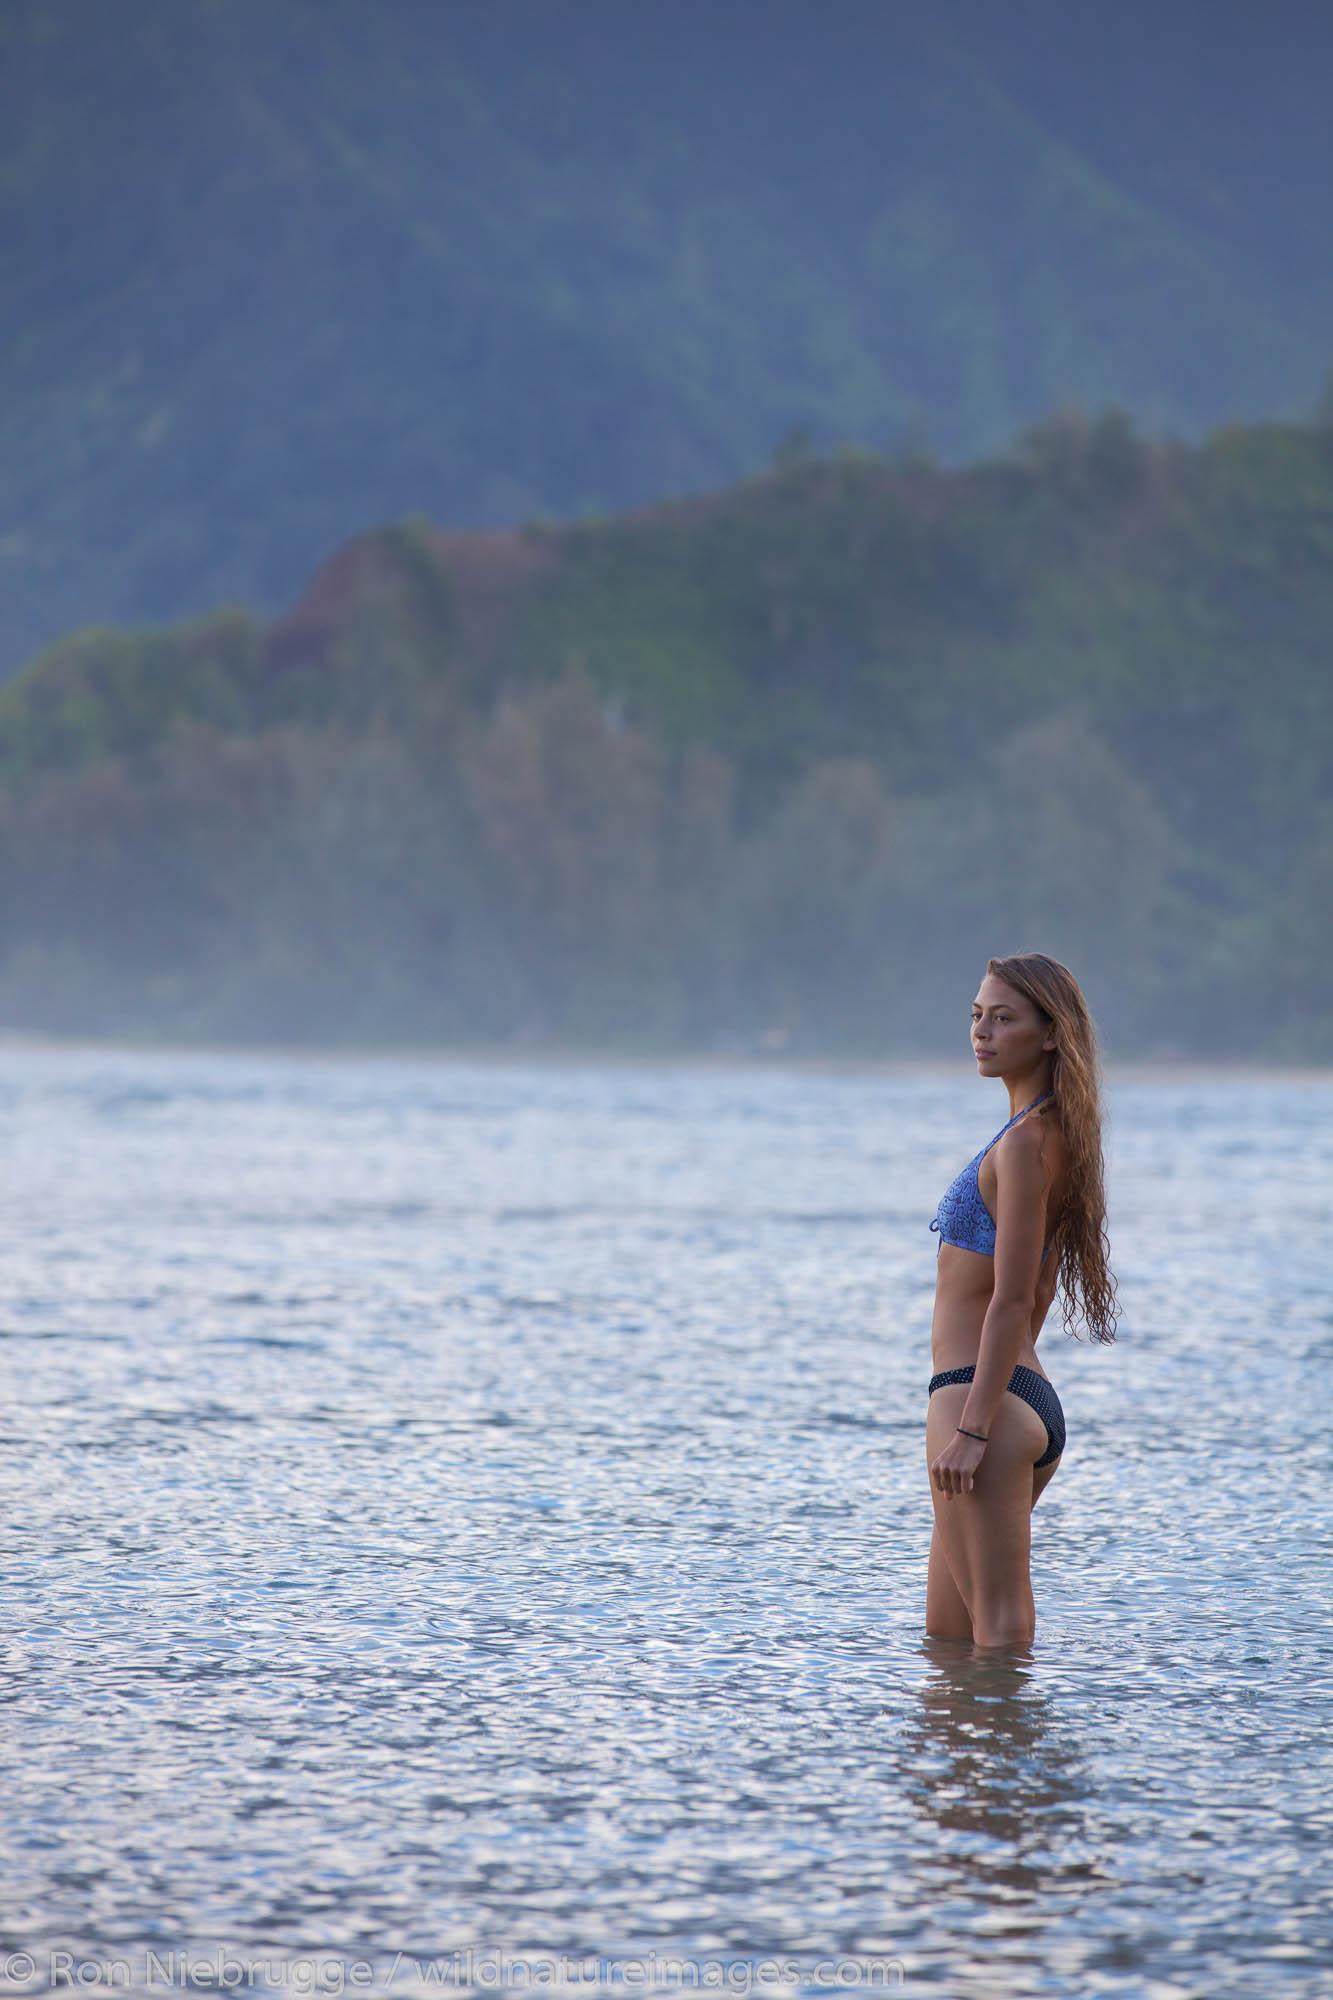 A young lady enjoying Hanalei Bay, Kauai, Hawaii.